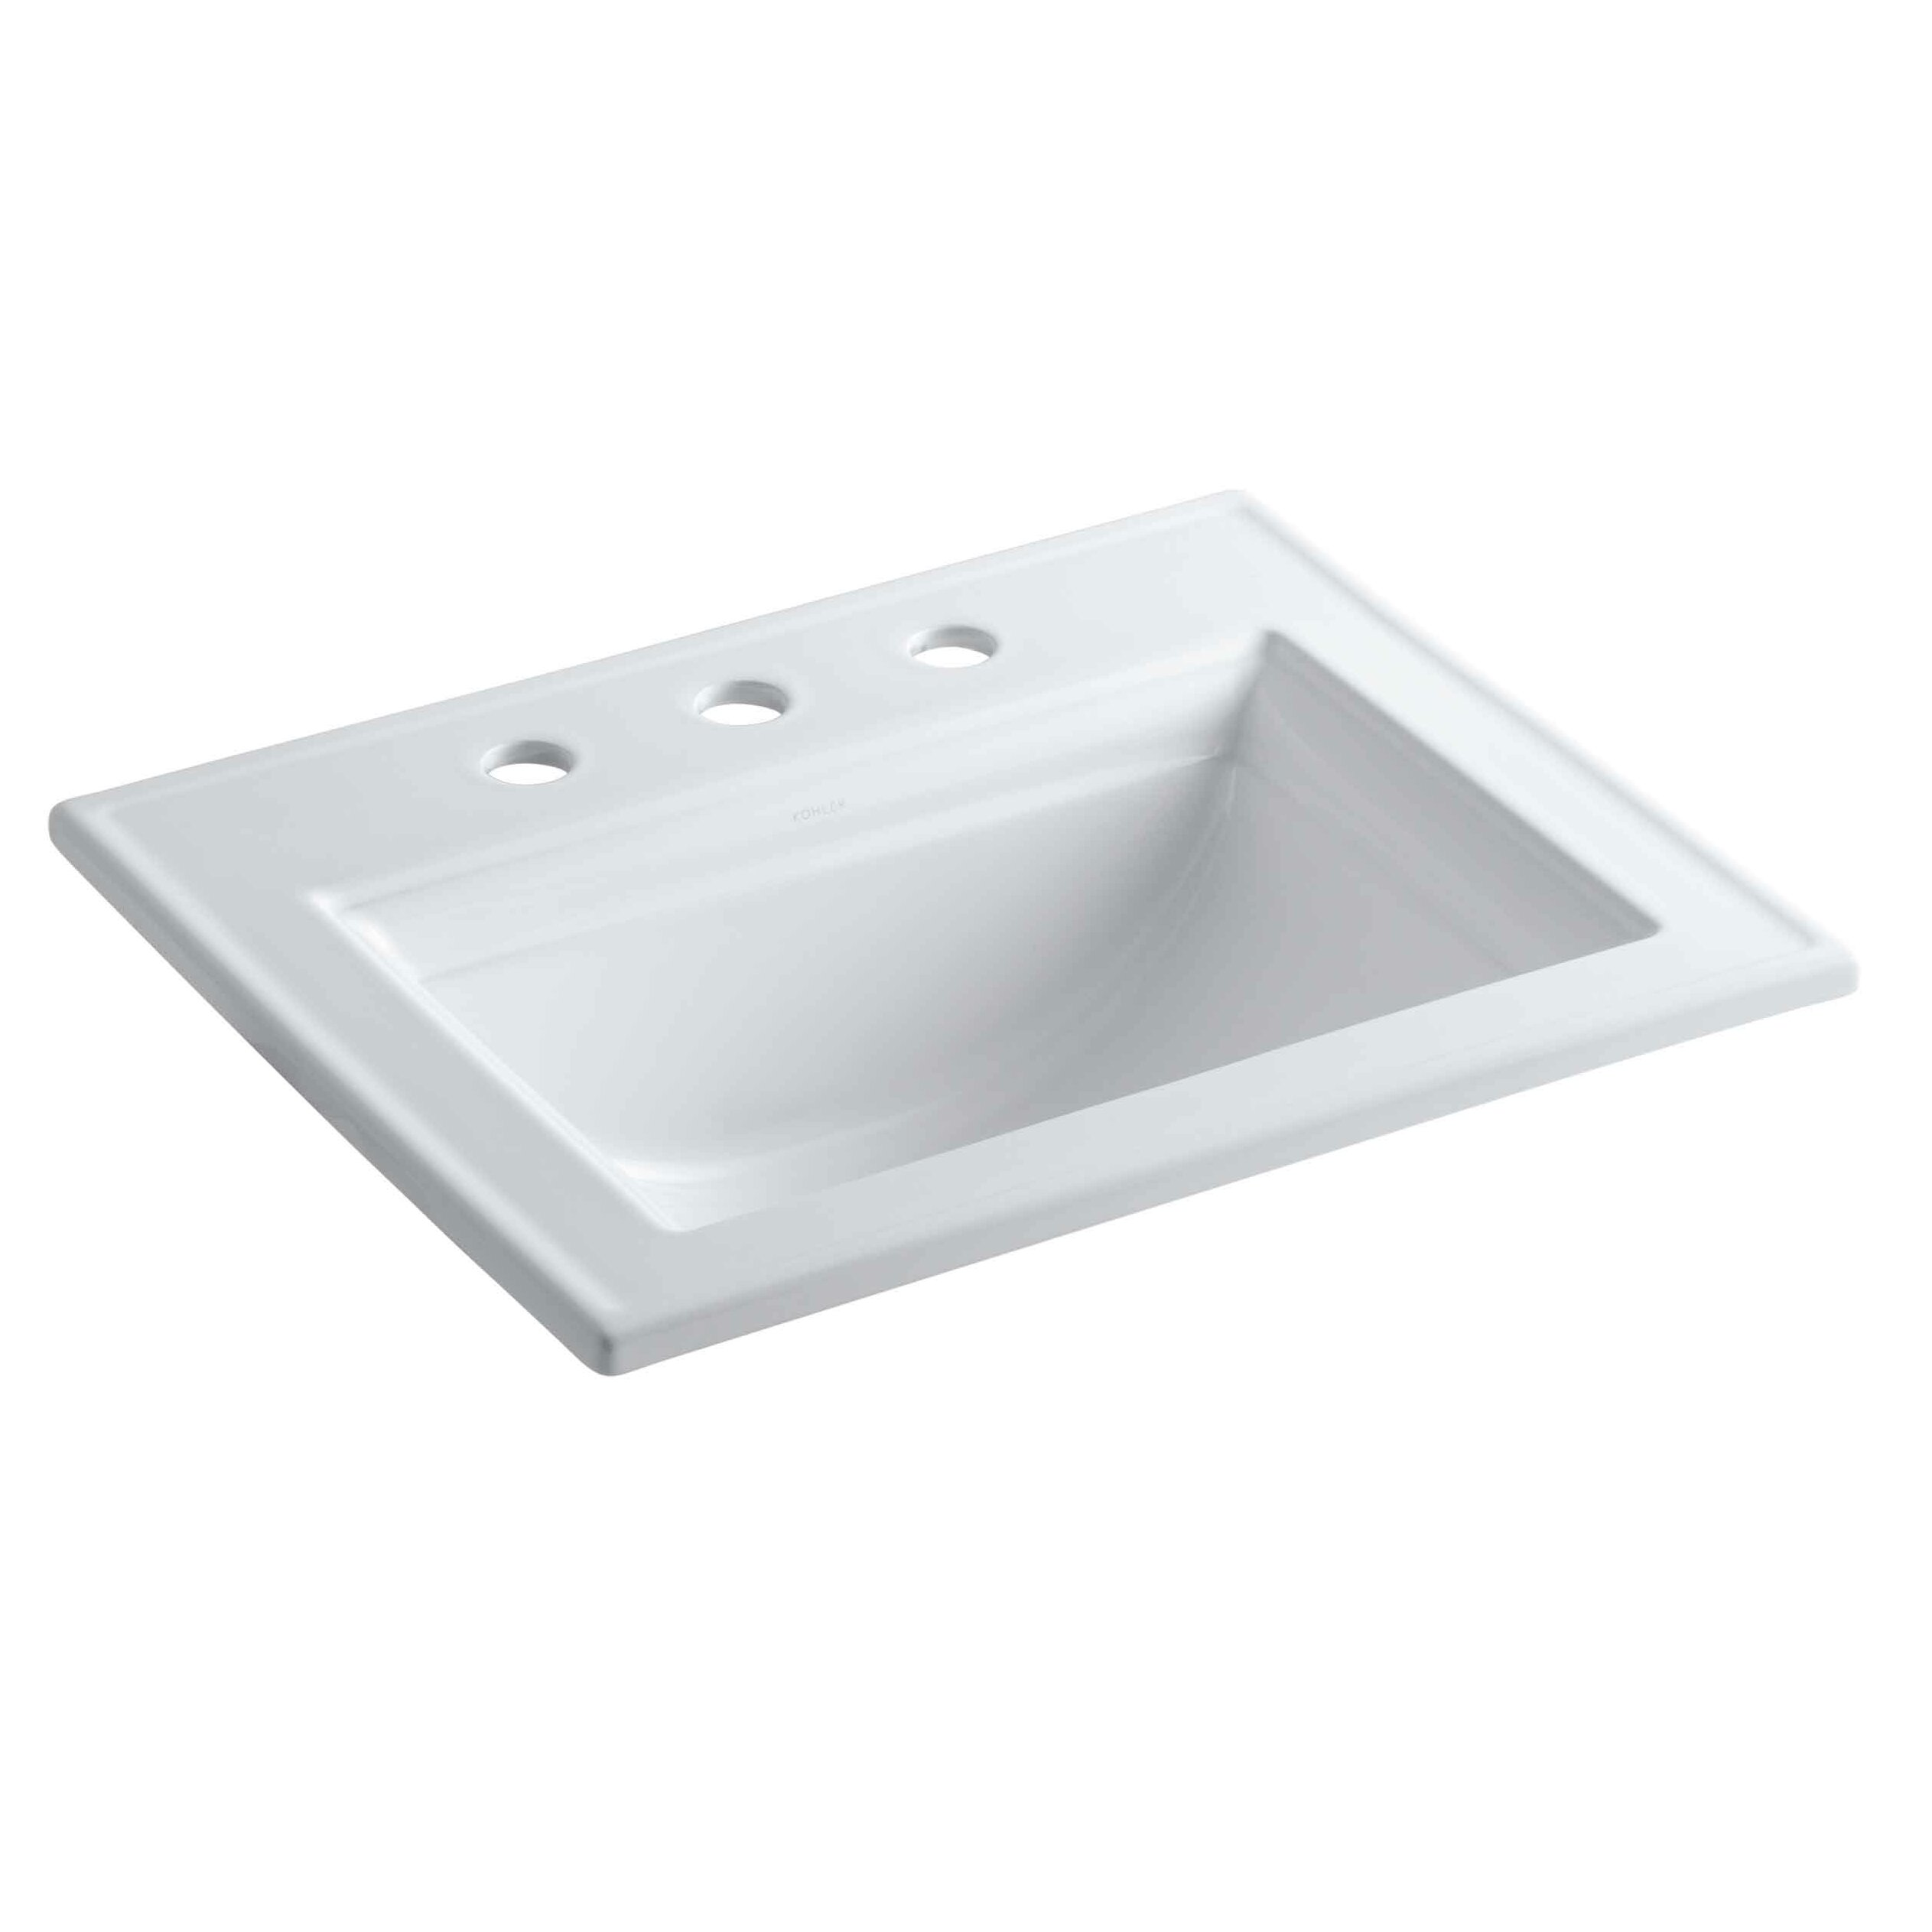 Memoirs: Kohler Memoirs Stately Drop-In Bathroom Sink With 8